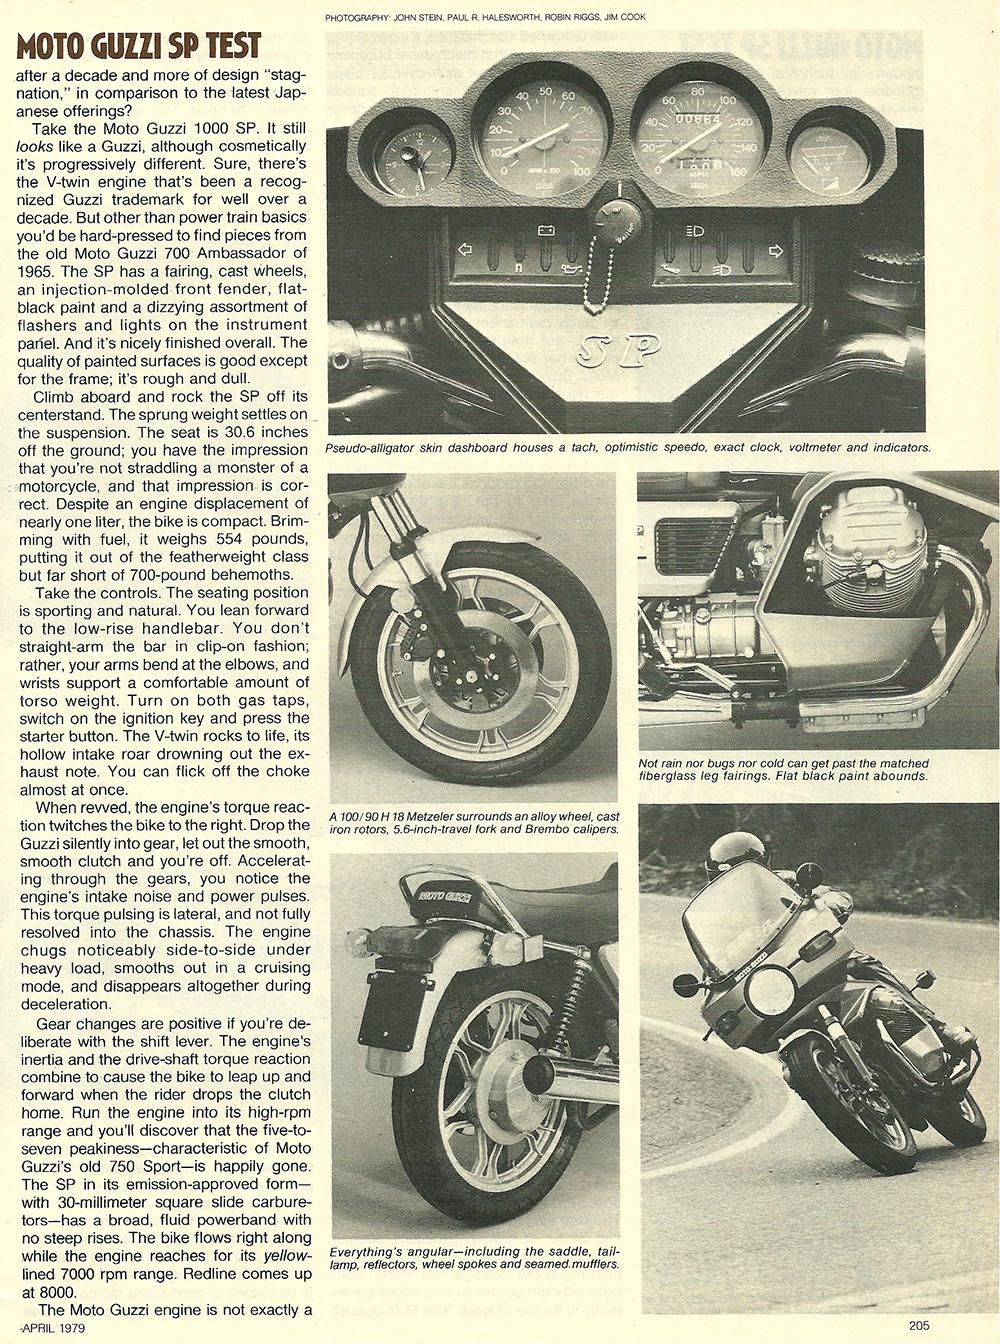 1979 Moto Guzzi 1000 SP road test 04.jpg